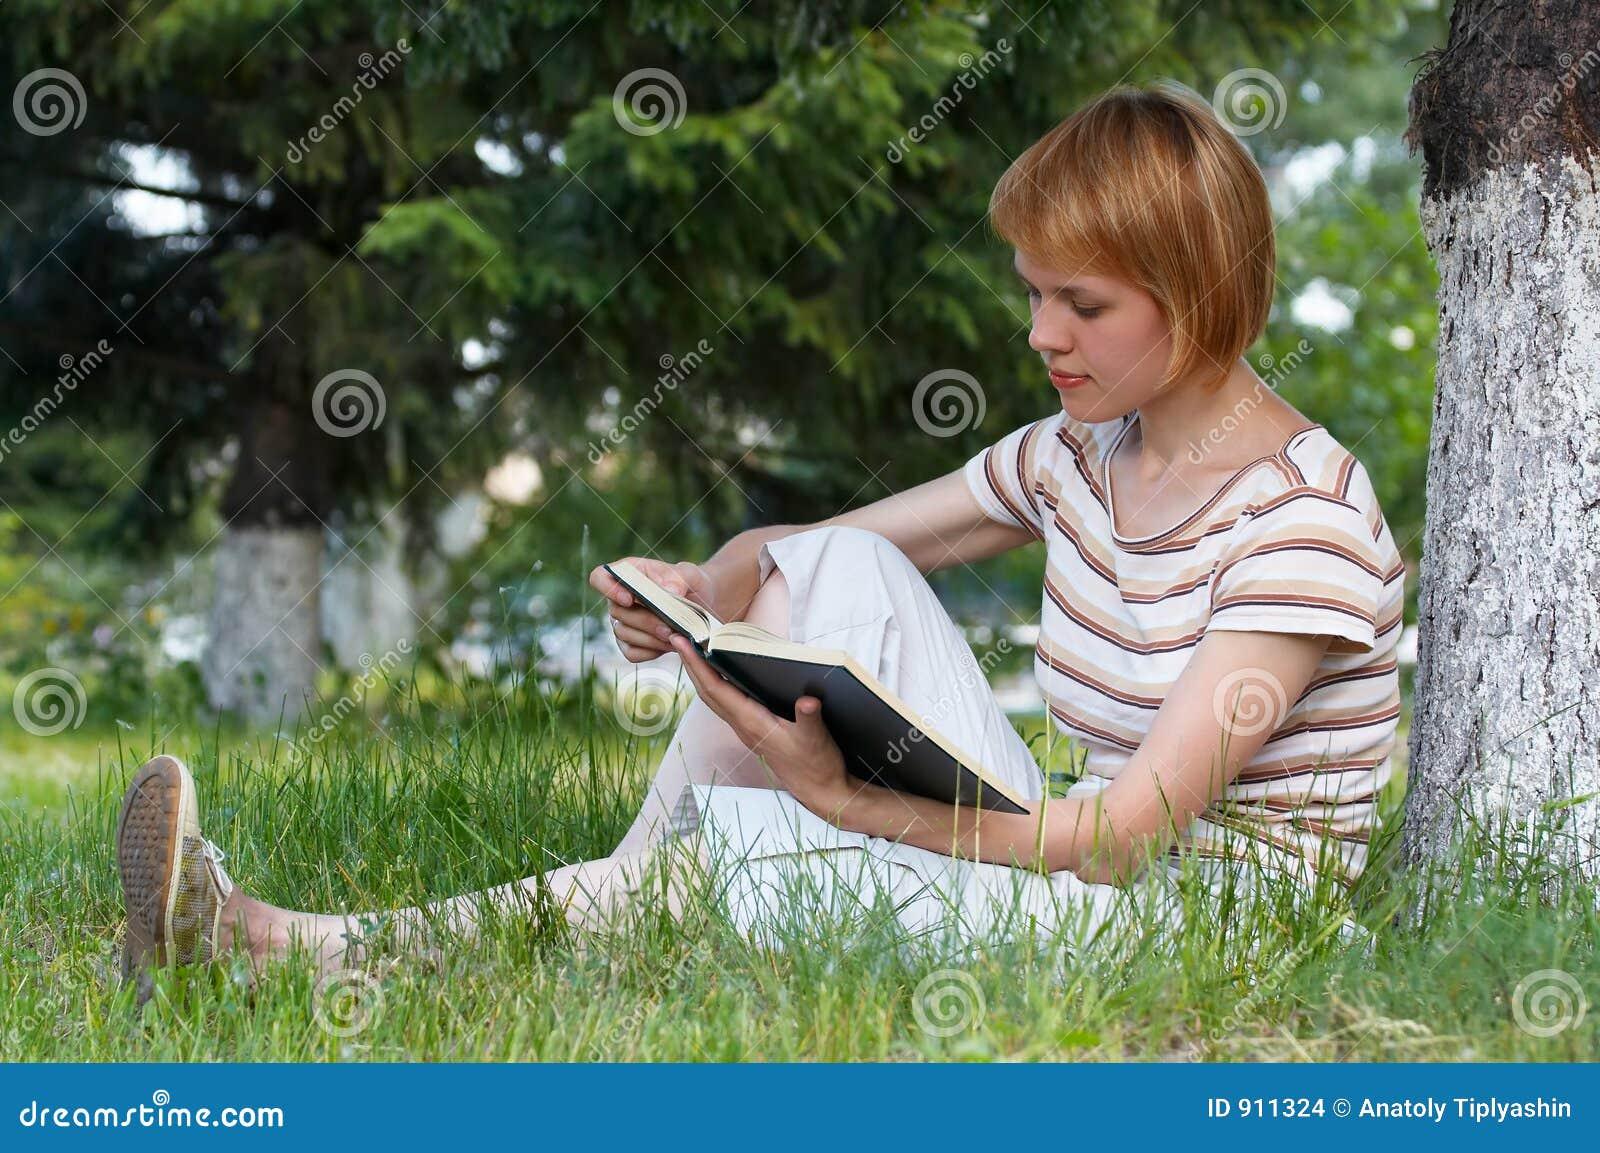 Студентка на траве 15 фотография